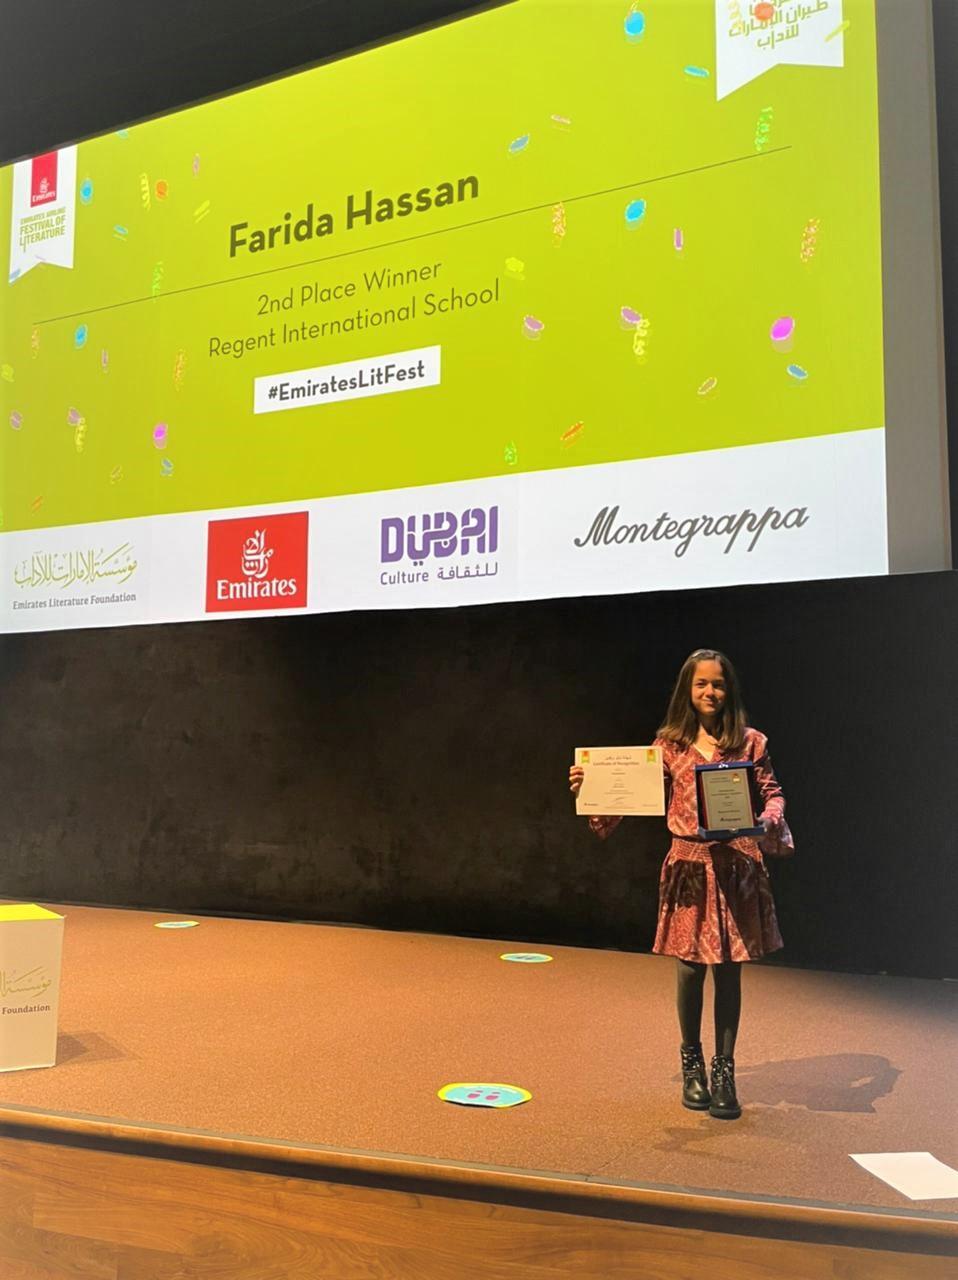 """رسالة إلى إليزابيث """"كبرياء وتحامل"""" لجين أوستن تفوز بجائزة مهرجان طيران الإمارات للآداب ومونتيغرابا"""